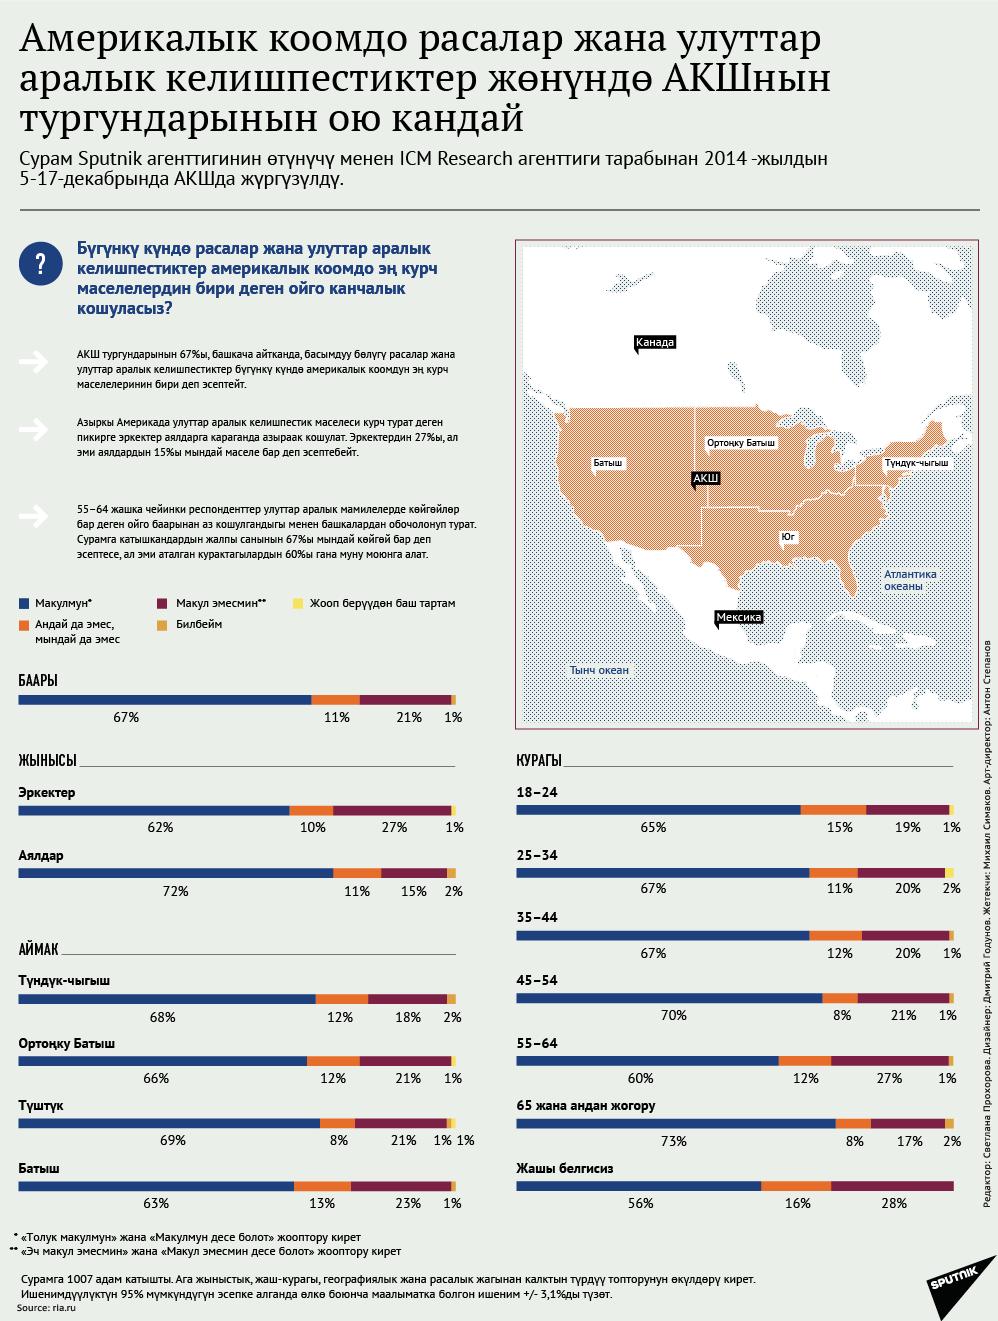 Америкалык коомдо расалар жана улуттар  аралык келишпестиктер жөнүндө АКШнын  тургундарынын ою кандай